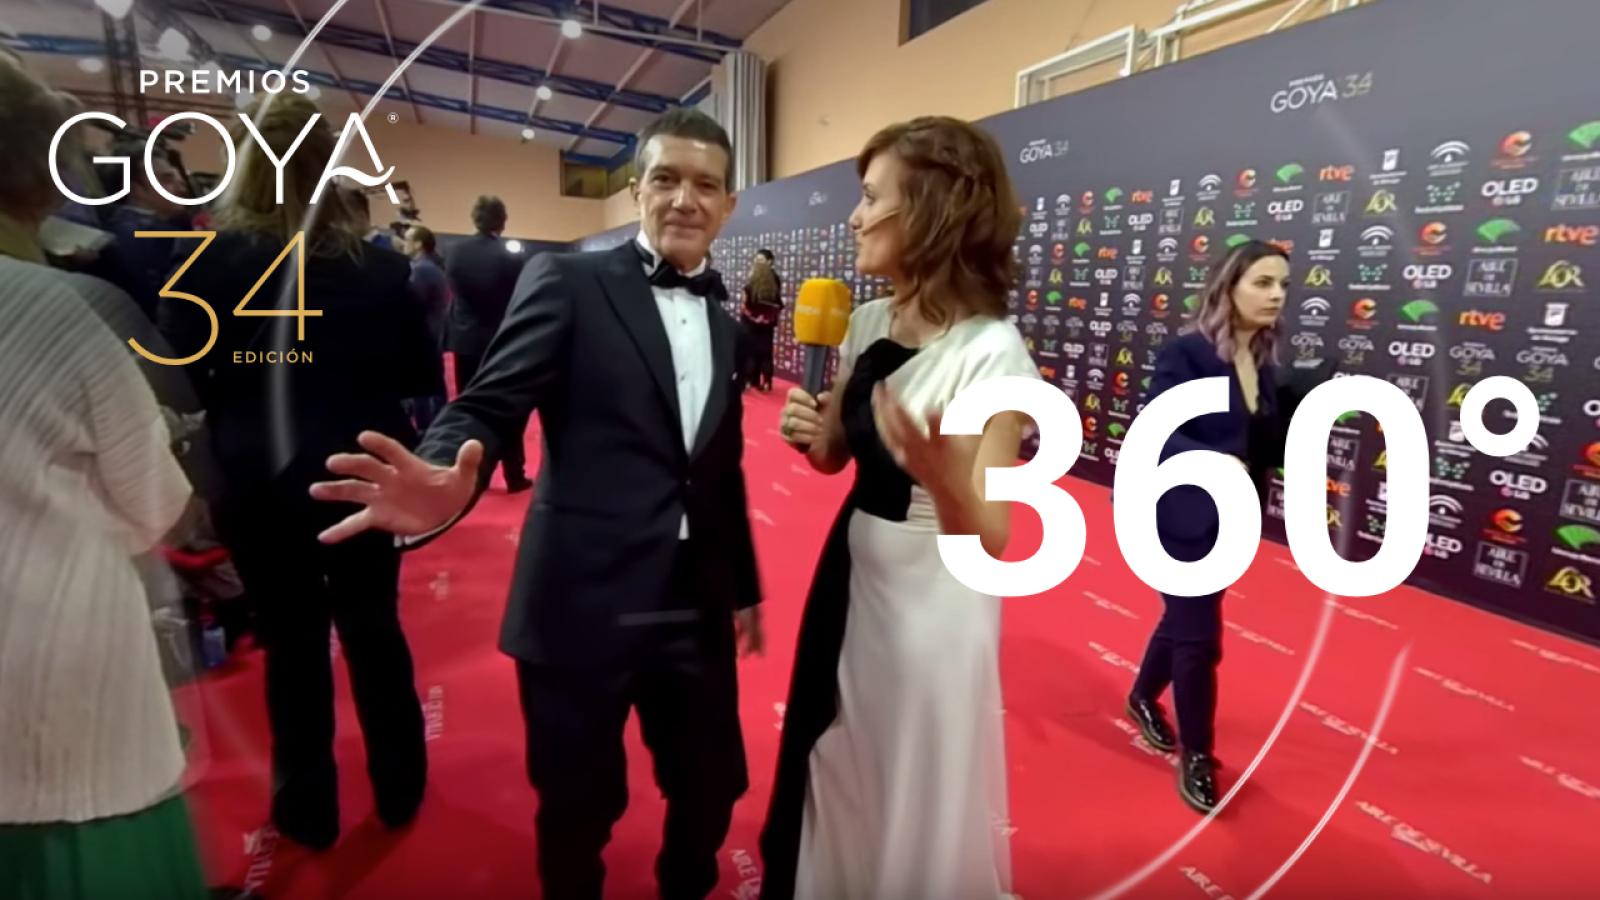 Los Goya en 360: Mejores momentos de la alfombra roja